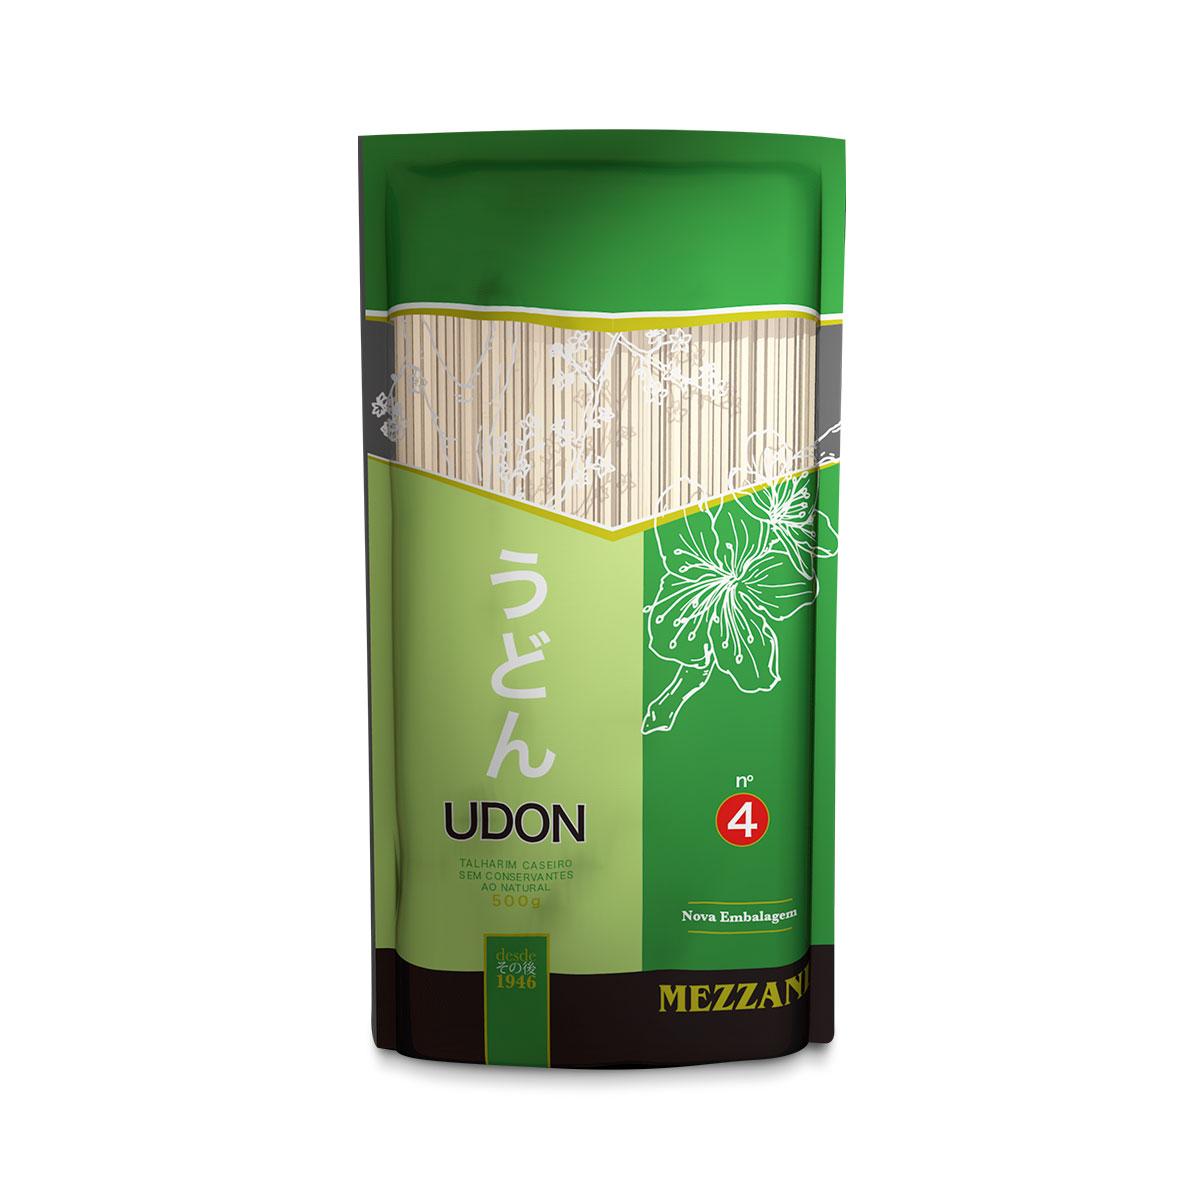 MEZZANI UDON 500g N4